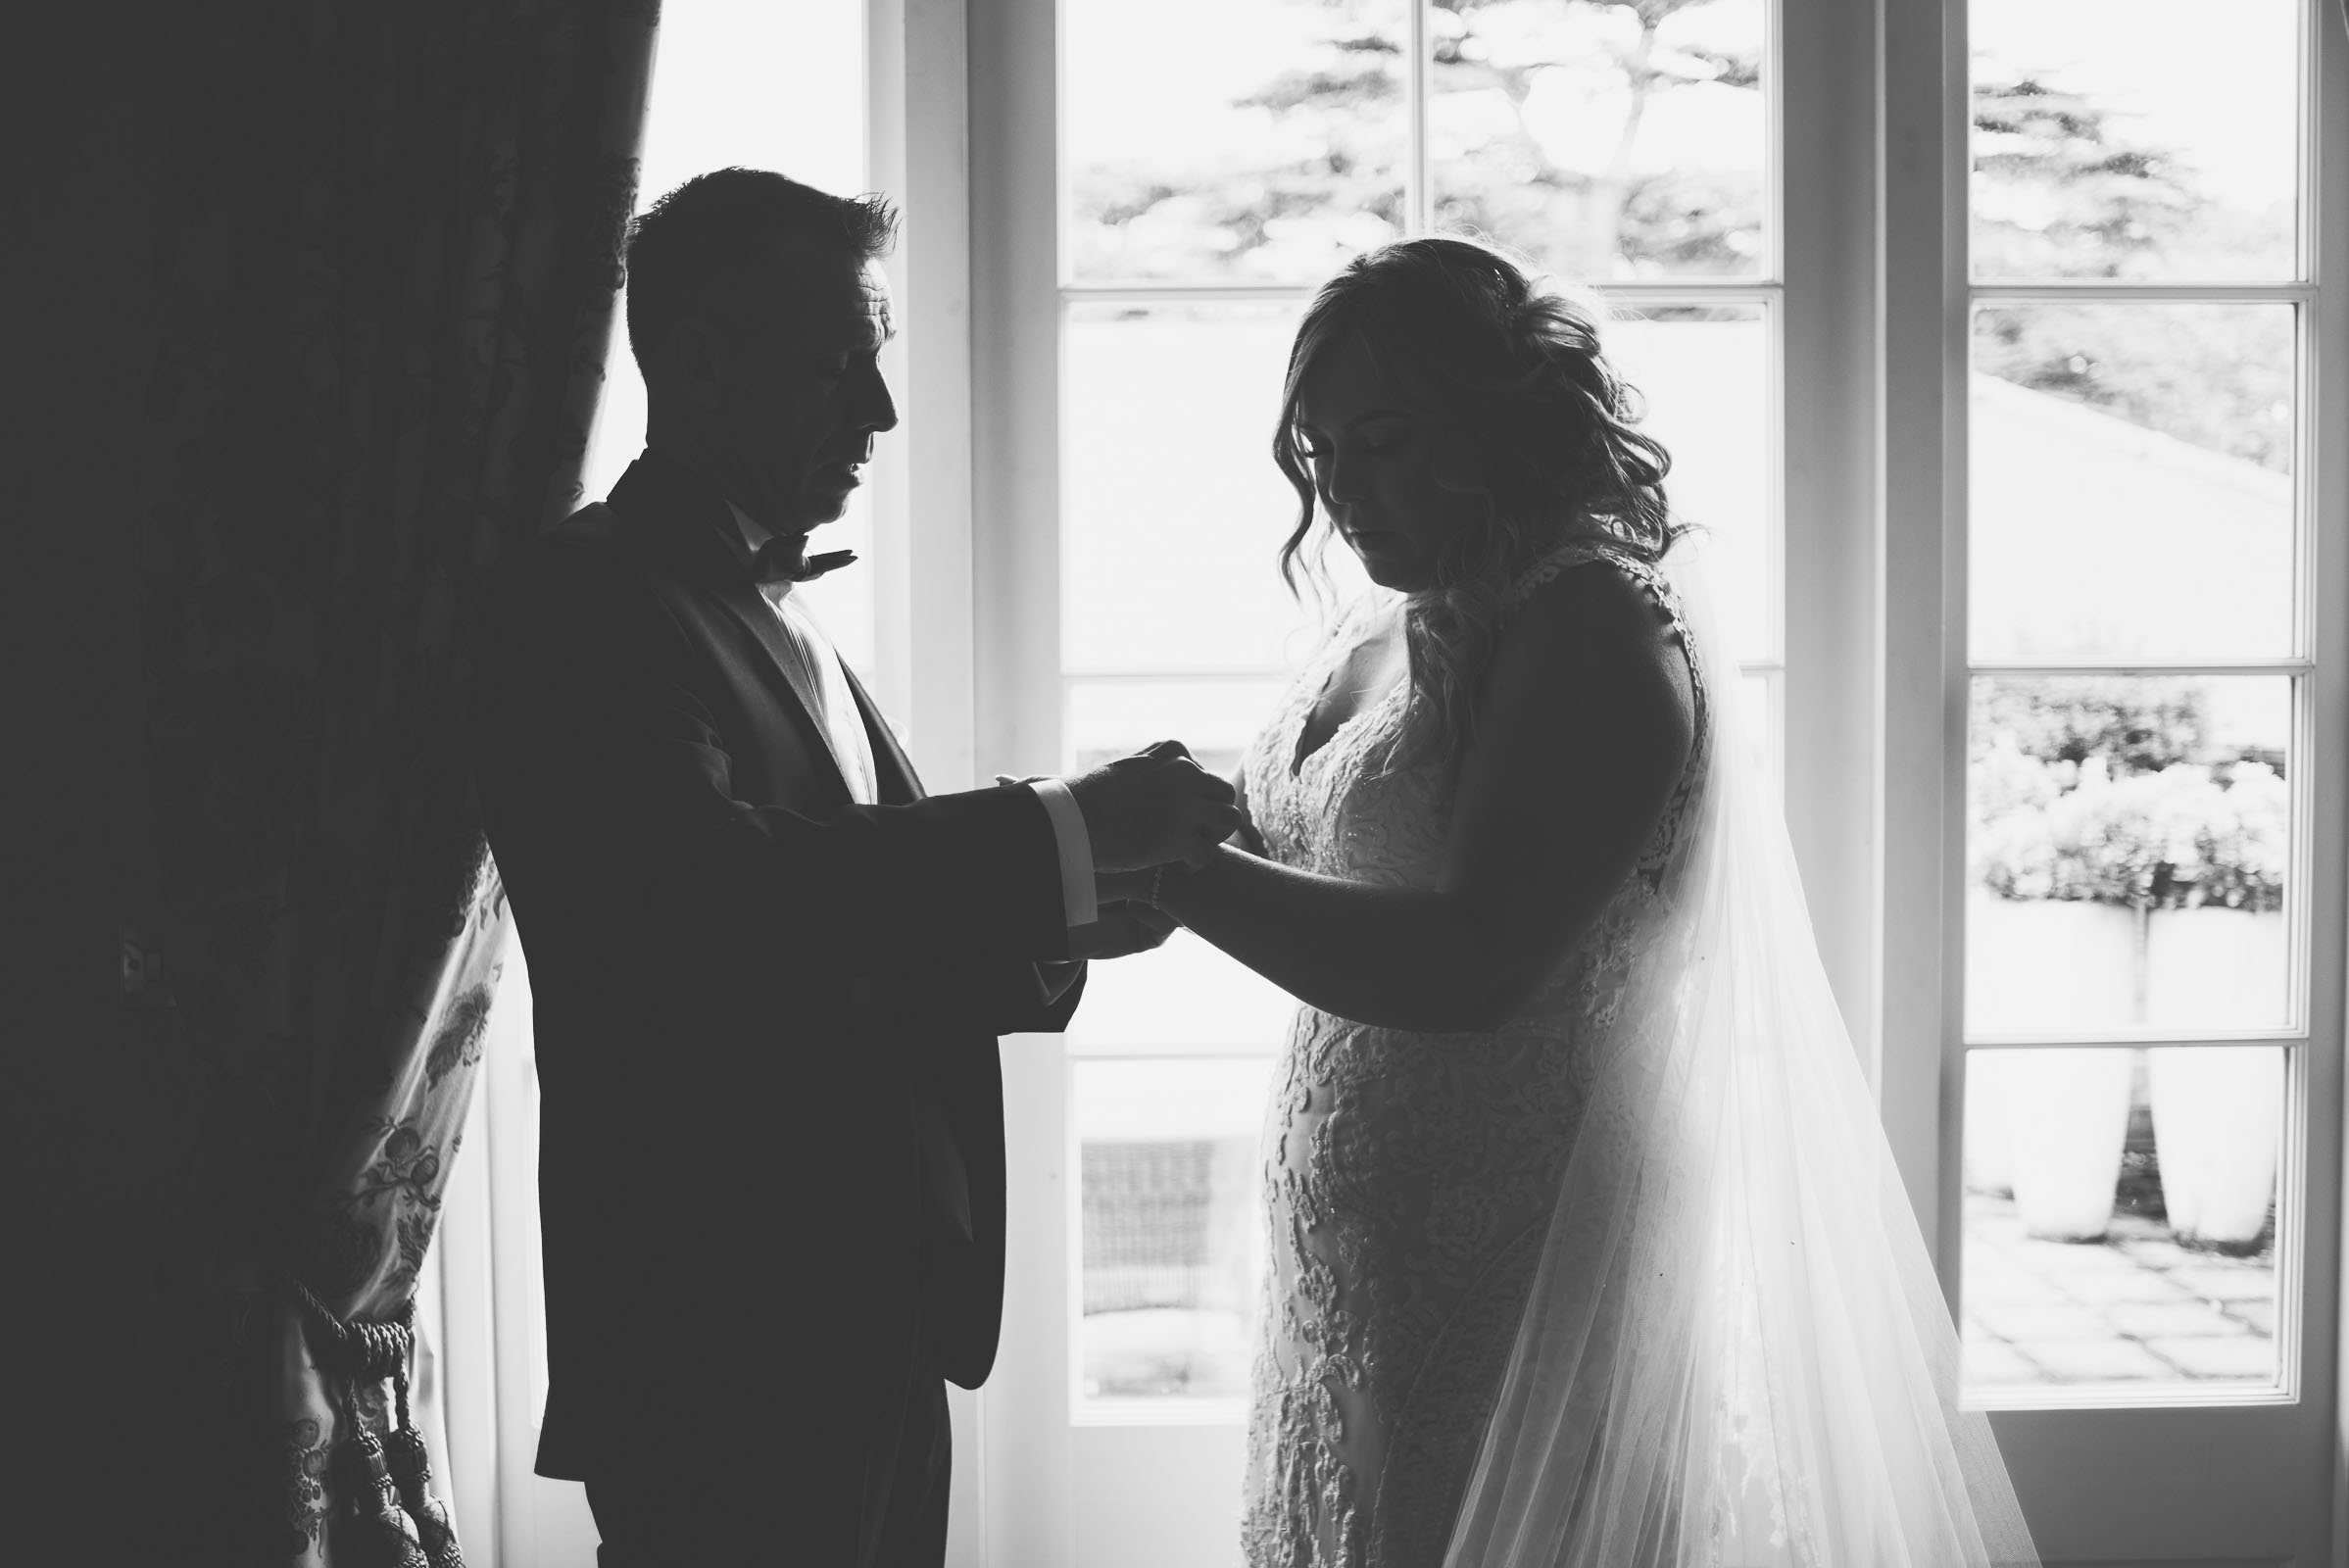 Lutonhoo-wedding-Bedfordshire-Datchworth-Tewinburyfarm-23.jpg